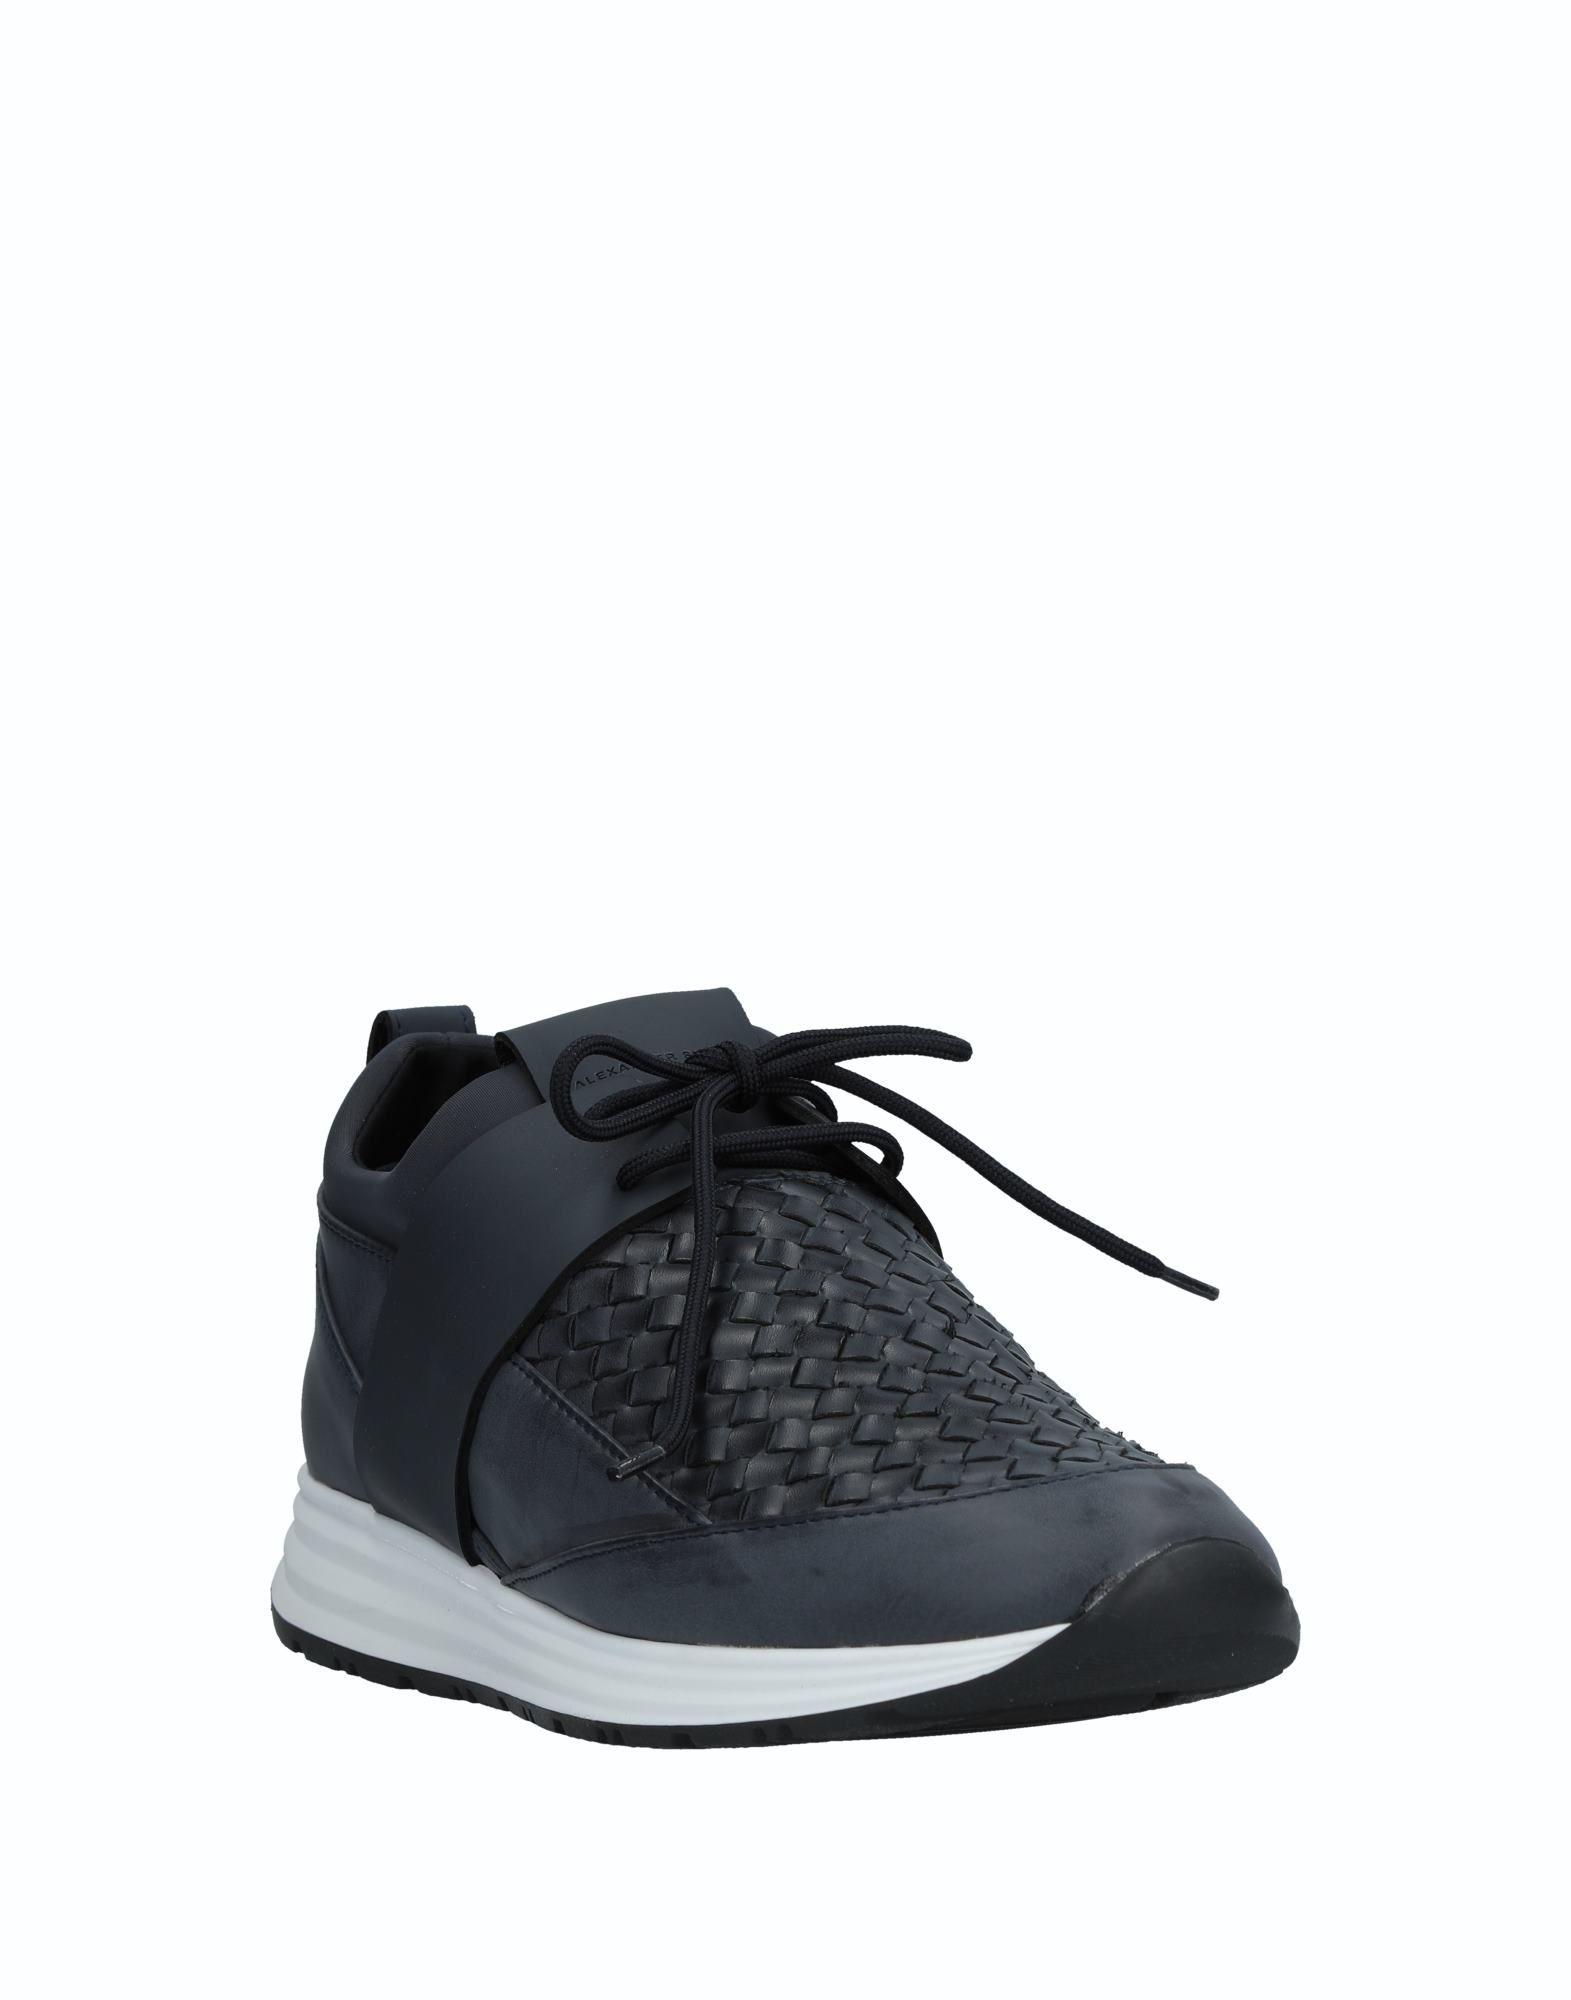 Rabatt echte Schuhe Alexander Smith Sneakers Herren  11522001CB